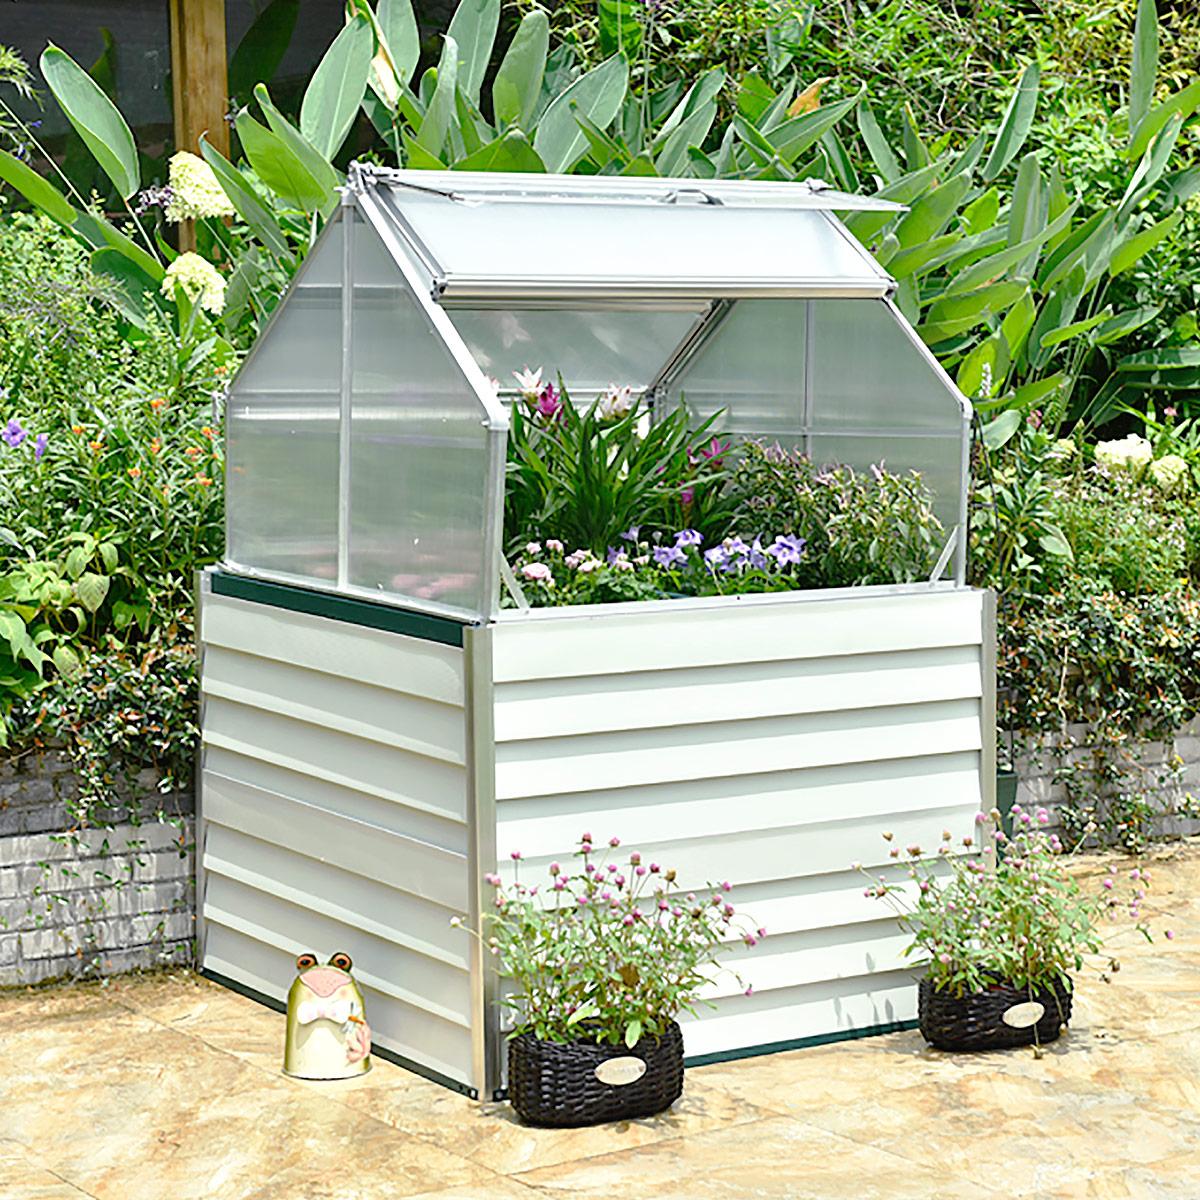 vente serre de jardin polycarbonate serre de jardin polycarbonate tritoo maison et jardin. Black Bedroom Furniture Sets. Home Design Ideas